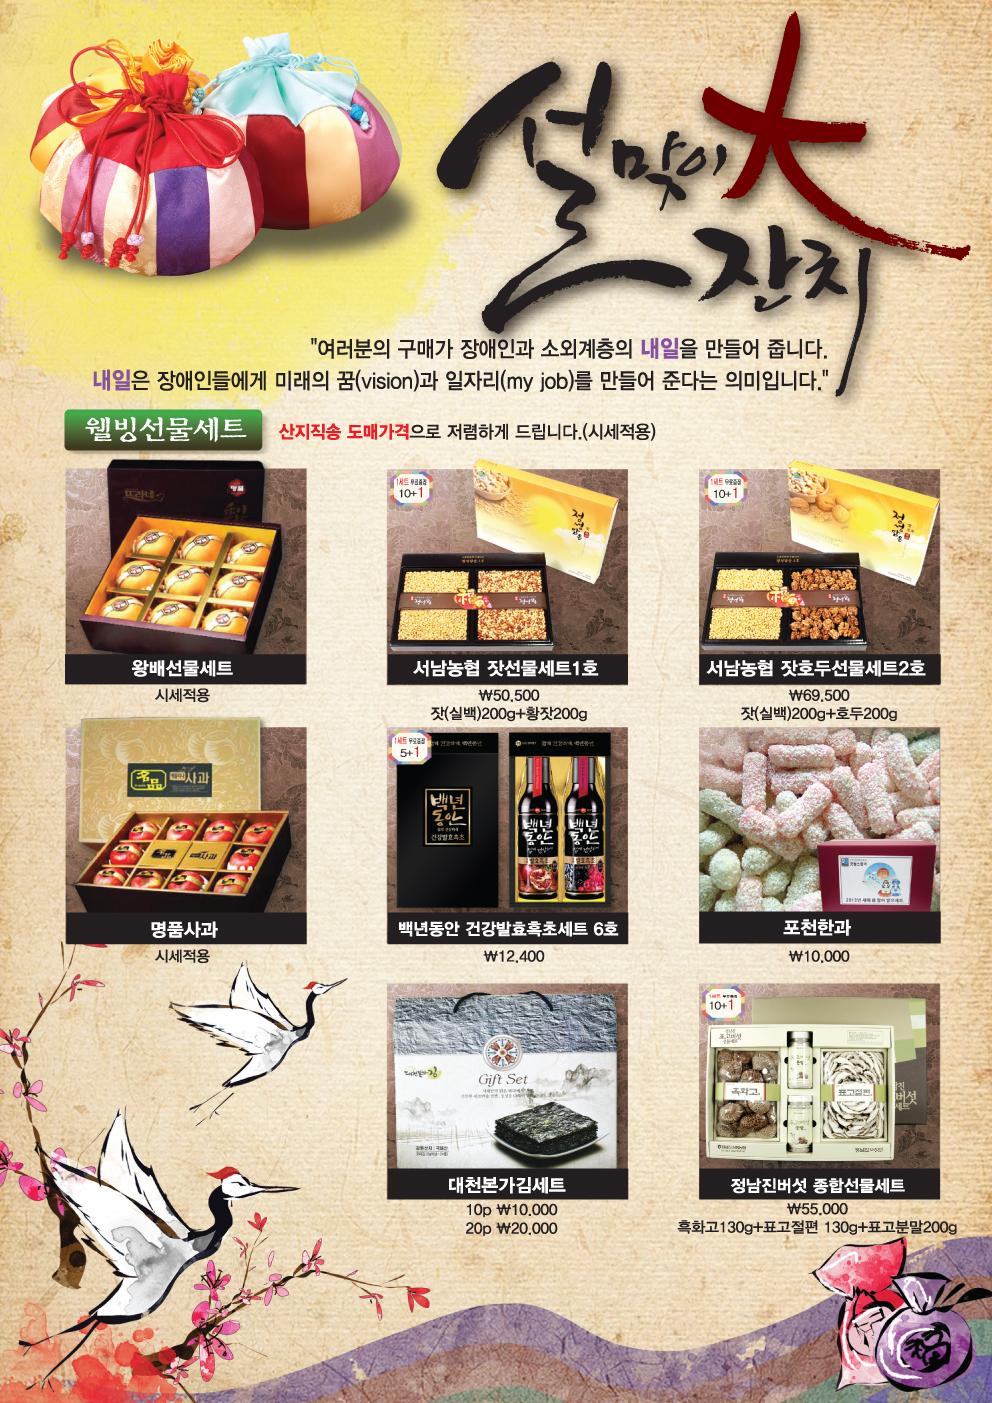 2013-설맞이-전단지_앞.jpg